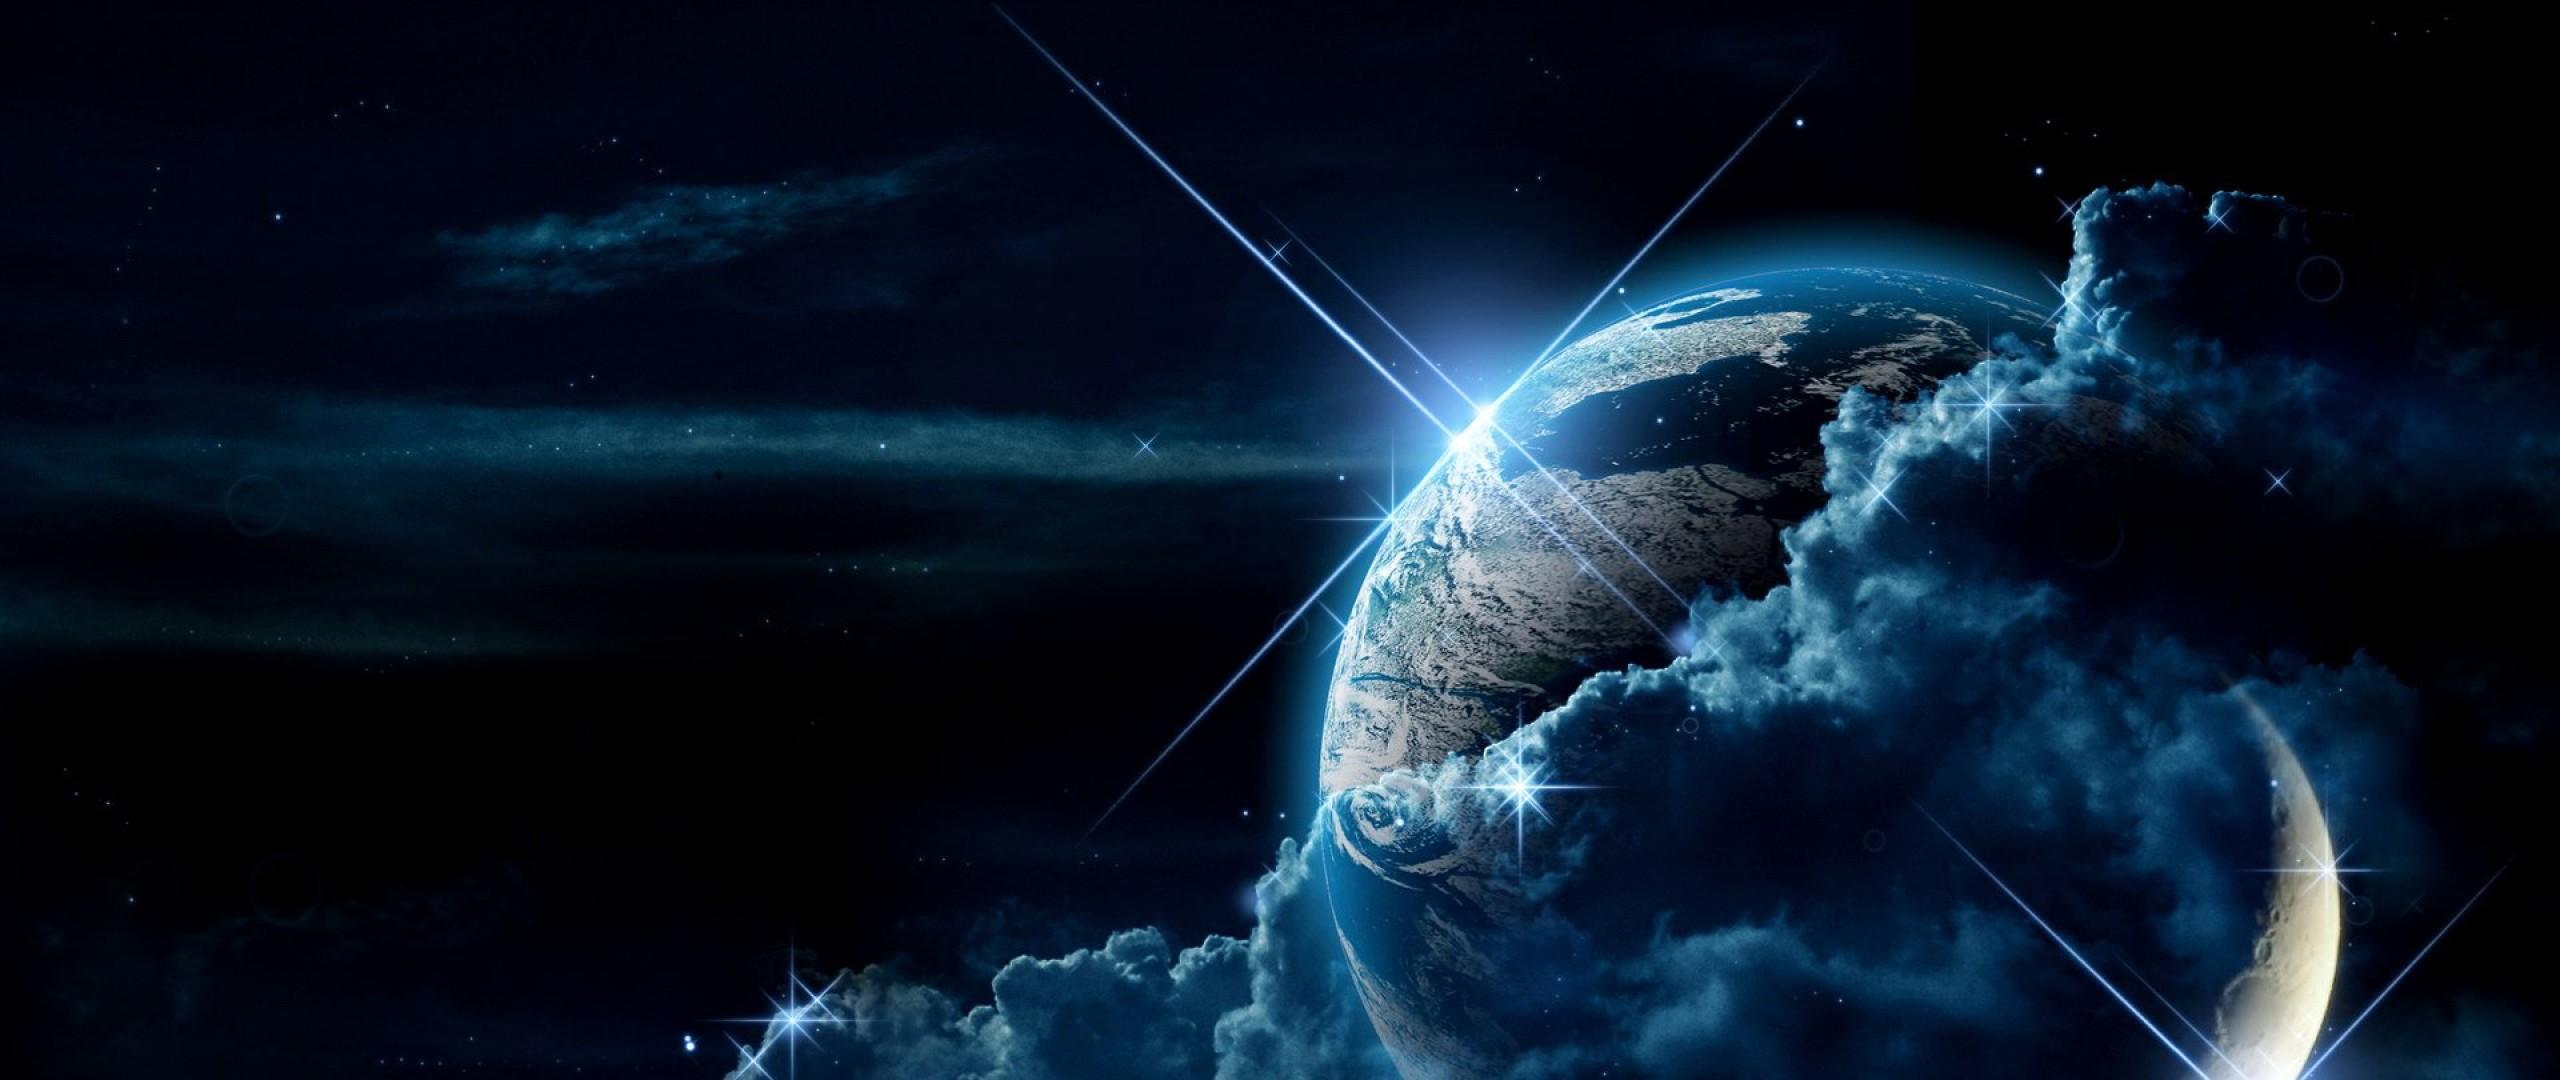 Wallpaper planet, clouds, light, star